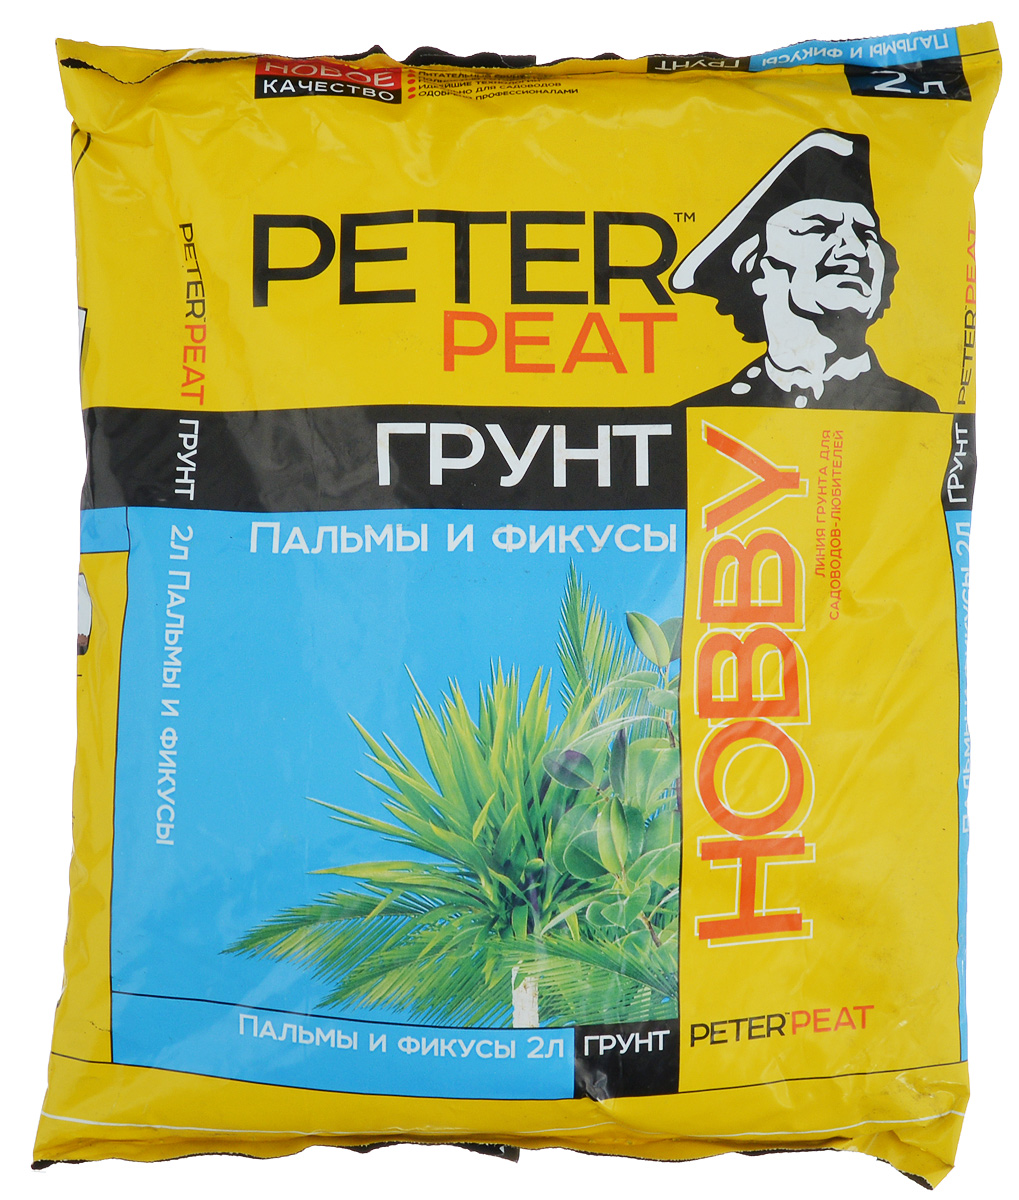 Грунт для растений Peter Peat Пальмы и фикусы, 2 л1984342Peter Peat Пальмы и фикусы - это готовый к применению питательный торфяной грунт. Грунт предназначен для выращивания пальм, фикусов, монстеры, юкки и других крупномерных растений. Способствует приживаемости растений и улучшает их декоративные качества.